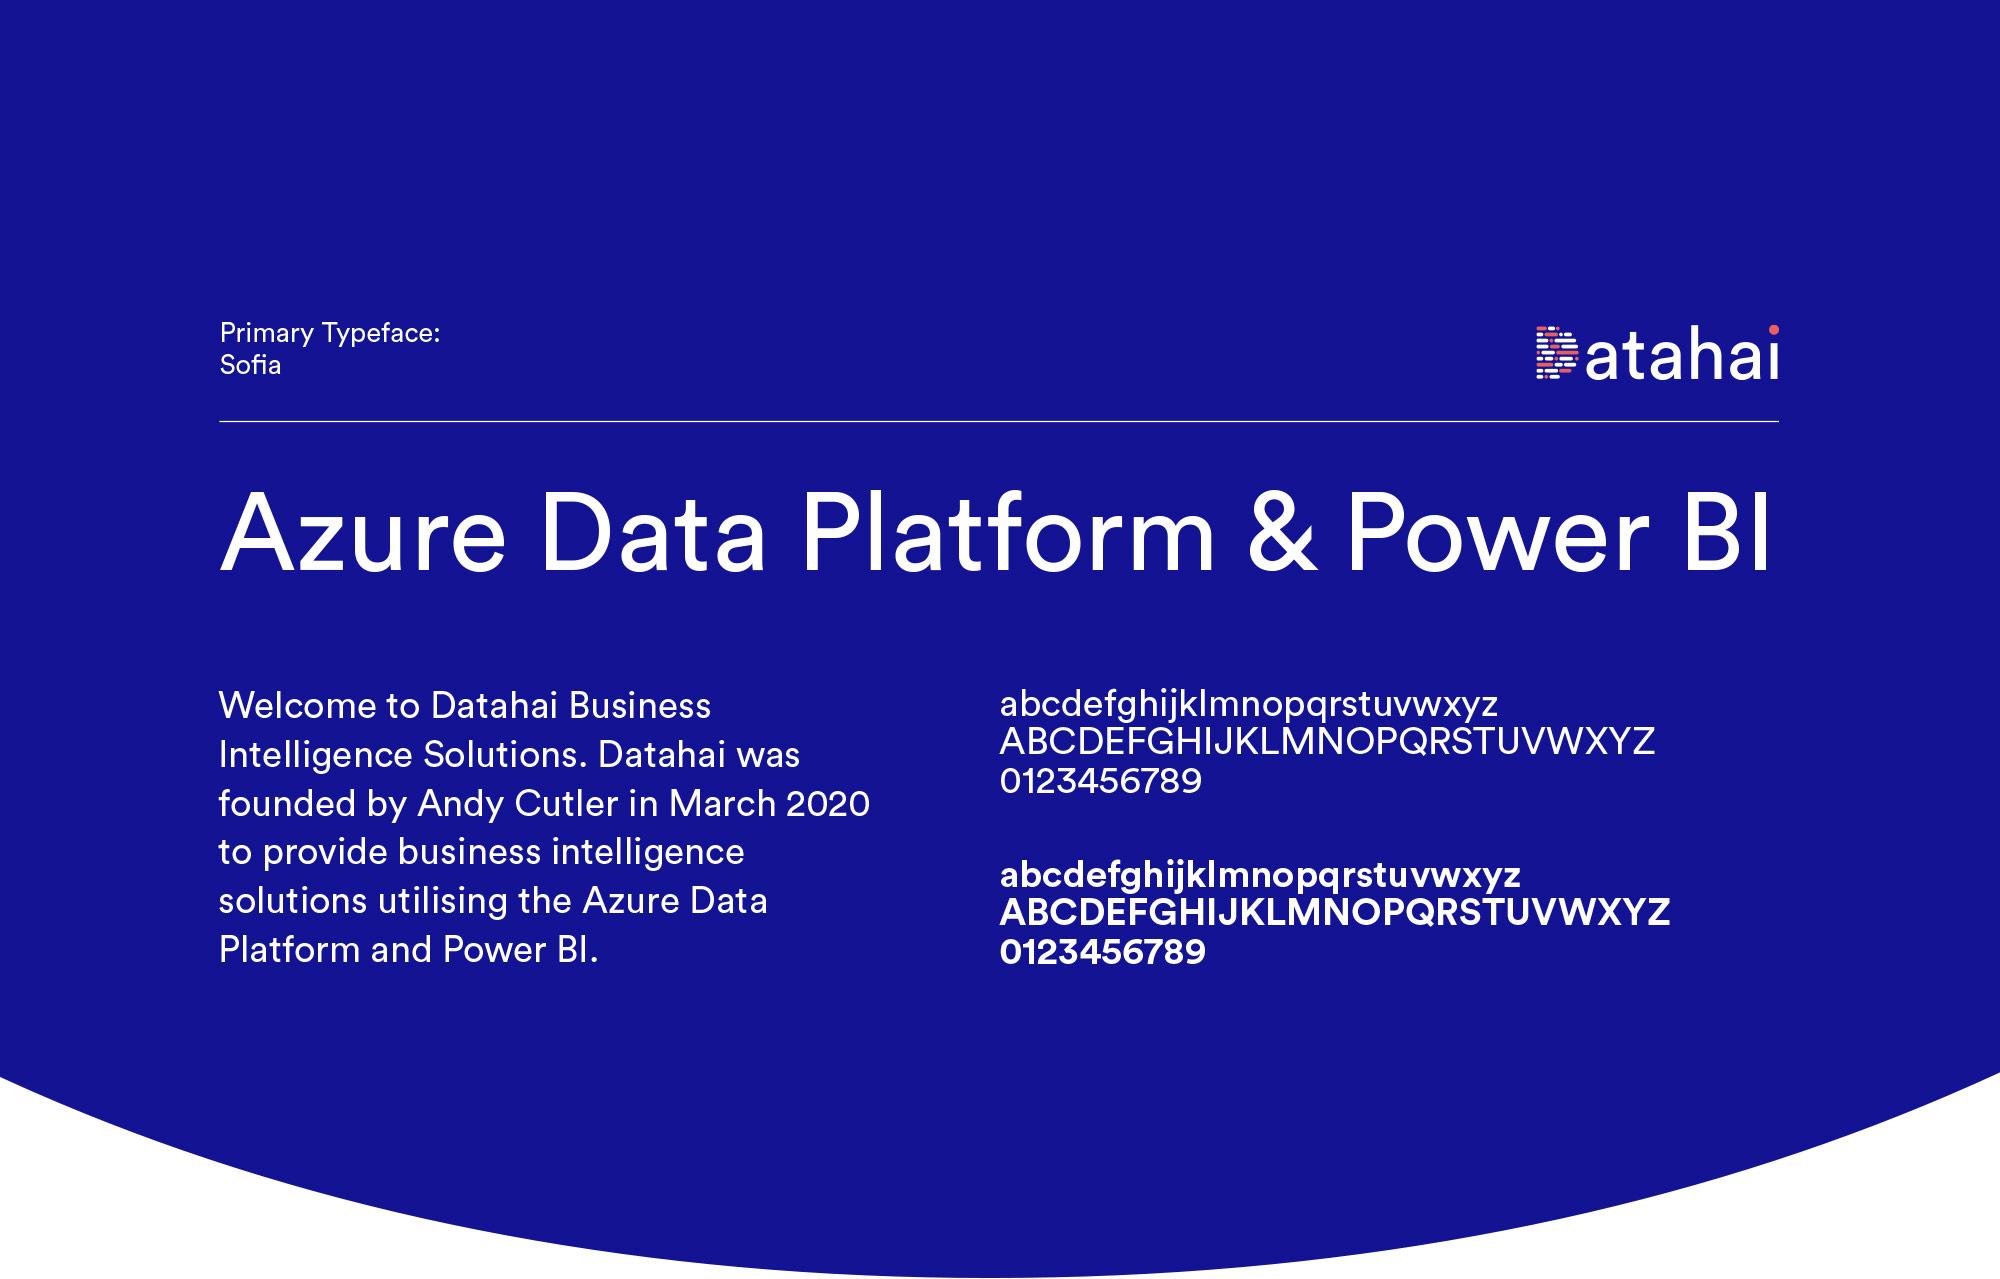 gareth-paul-jones-studio-design-datahai-case-study-04-2000px